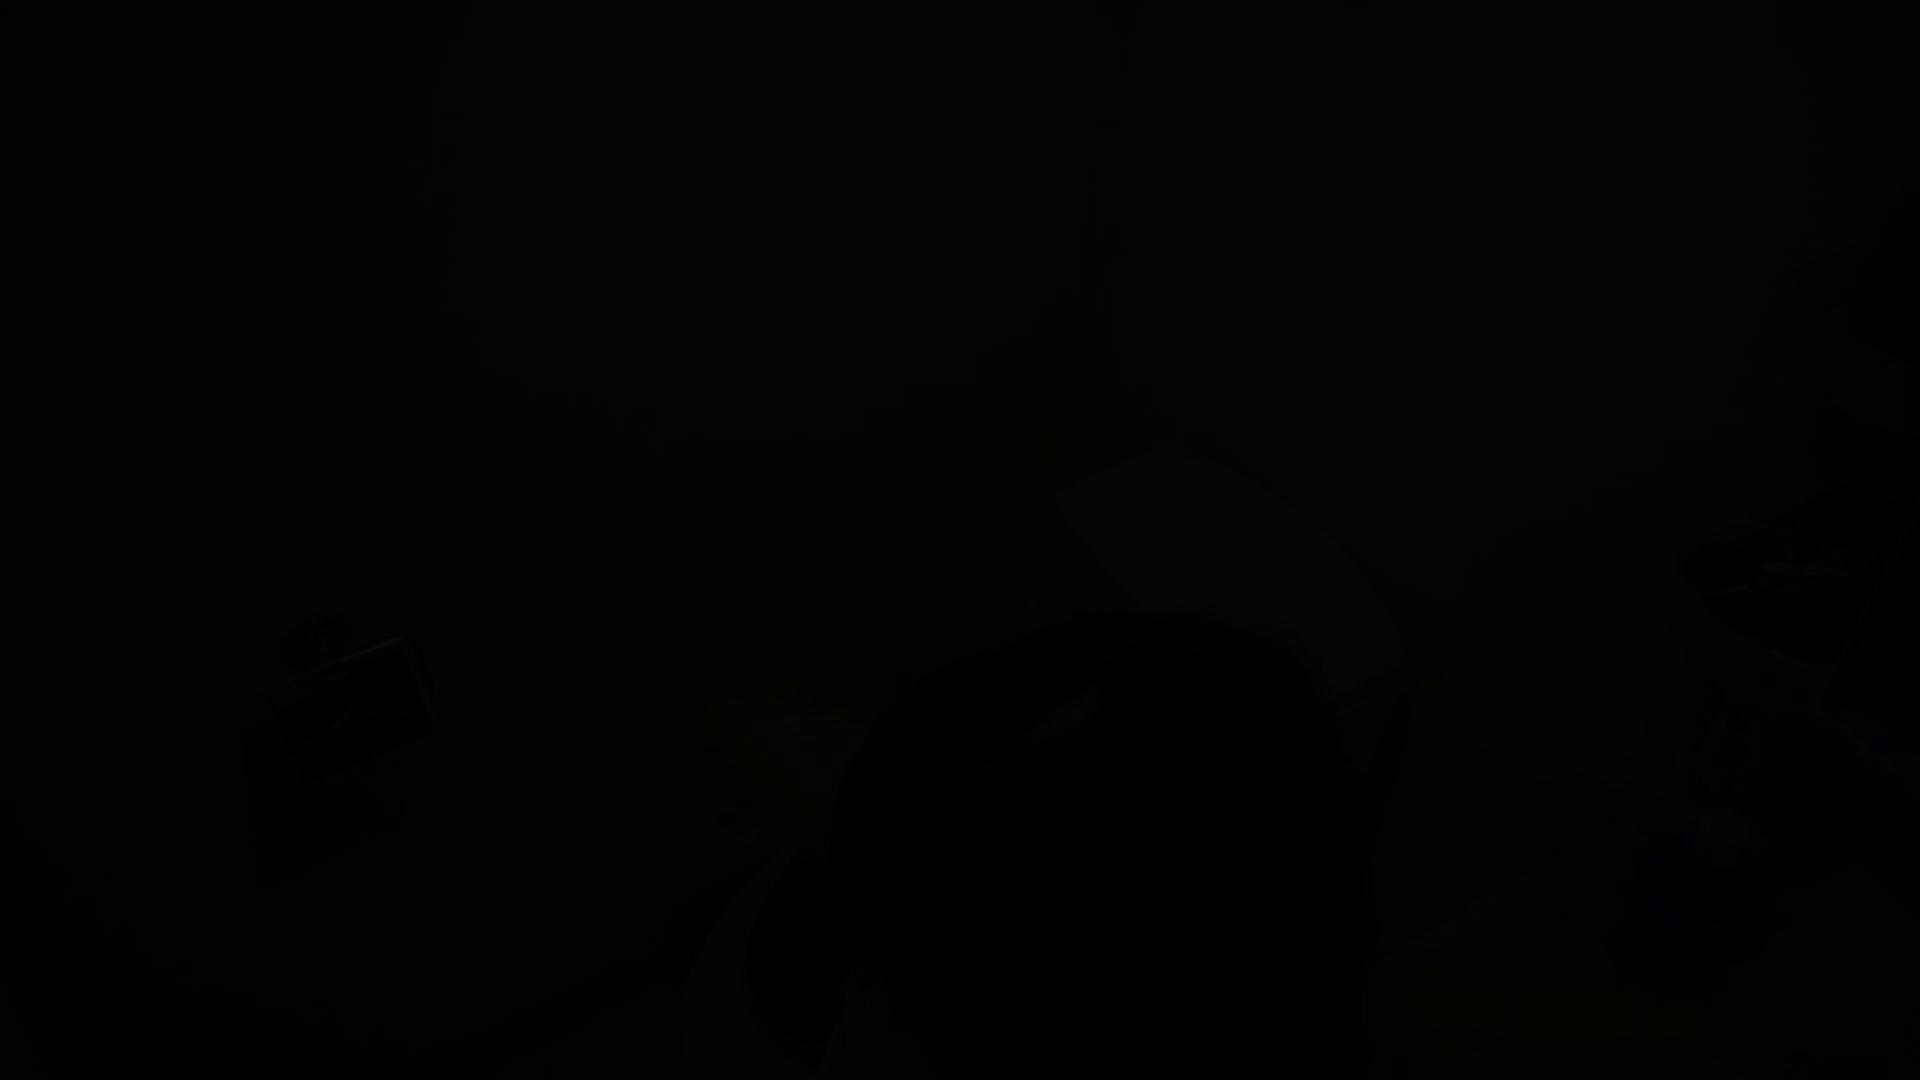 元気いっぱいノリノリ系なB子23歳(仮名)Vol.01 トイレ着替え編 トイレ | 着替えハメ撮り  73画像 7